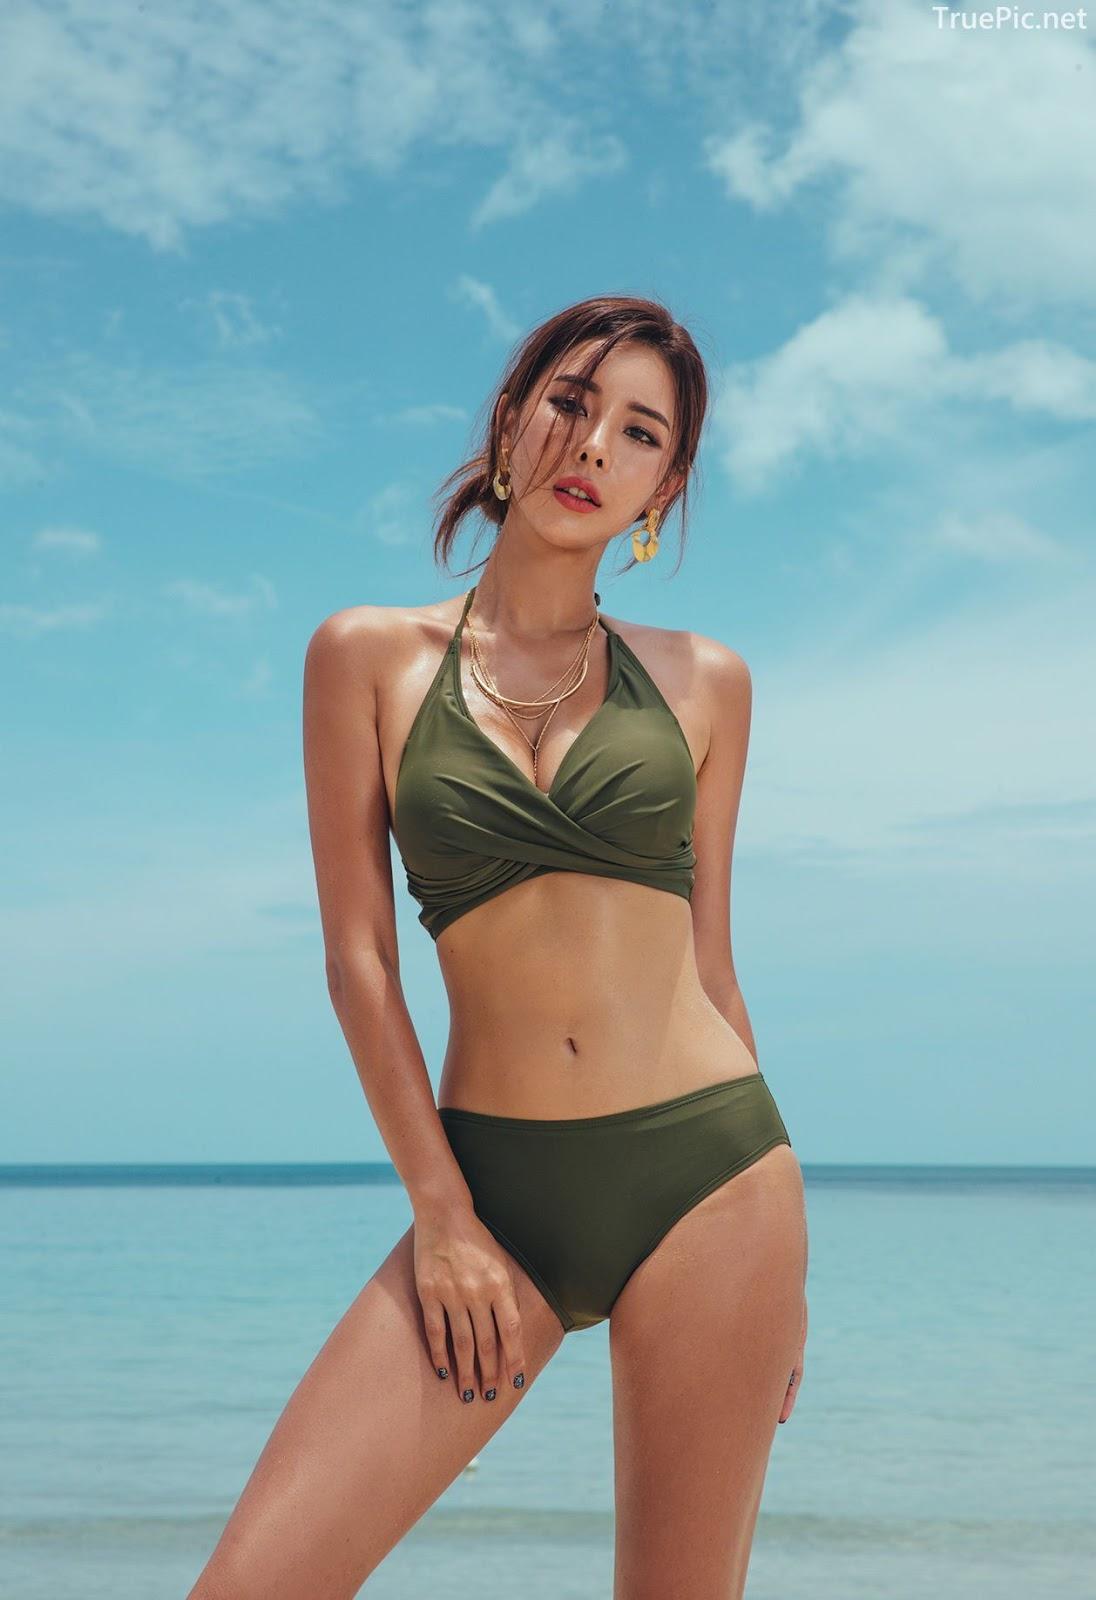 Park Da Hyun - Le Monde Bikini - Korean model and fashion - Picture 1